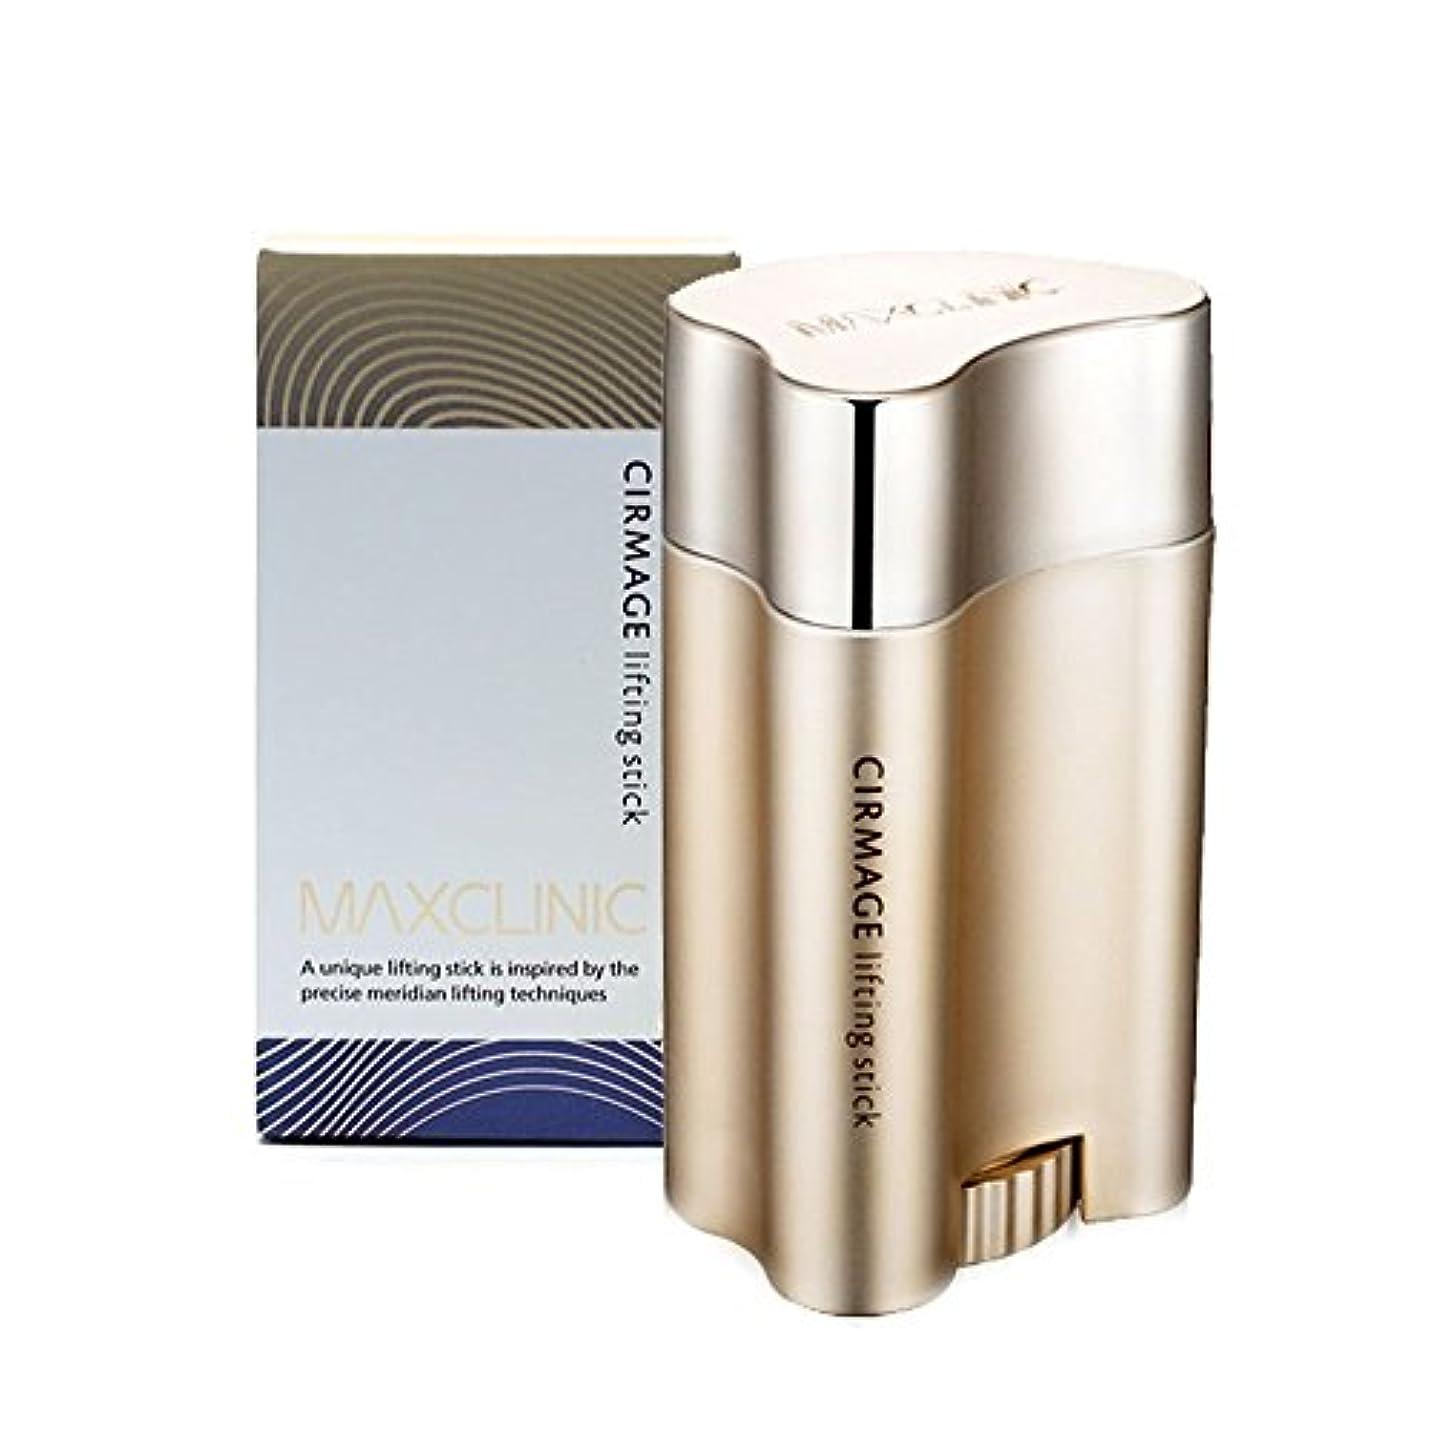 気候の山招待アコードMAXCLINIC マックスクリニック サーメージ リフティング スティック 23g(Cirmage Lifting Stick 23g)/Direct from Korea/w free Gift Sample [並行輸入品]